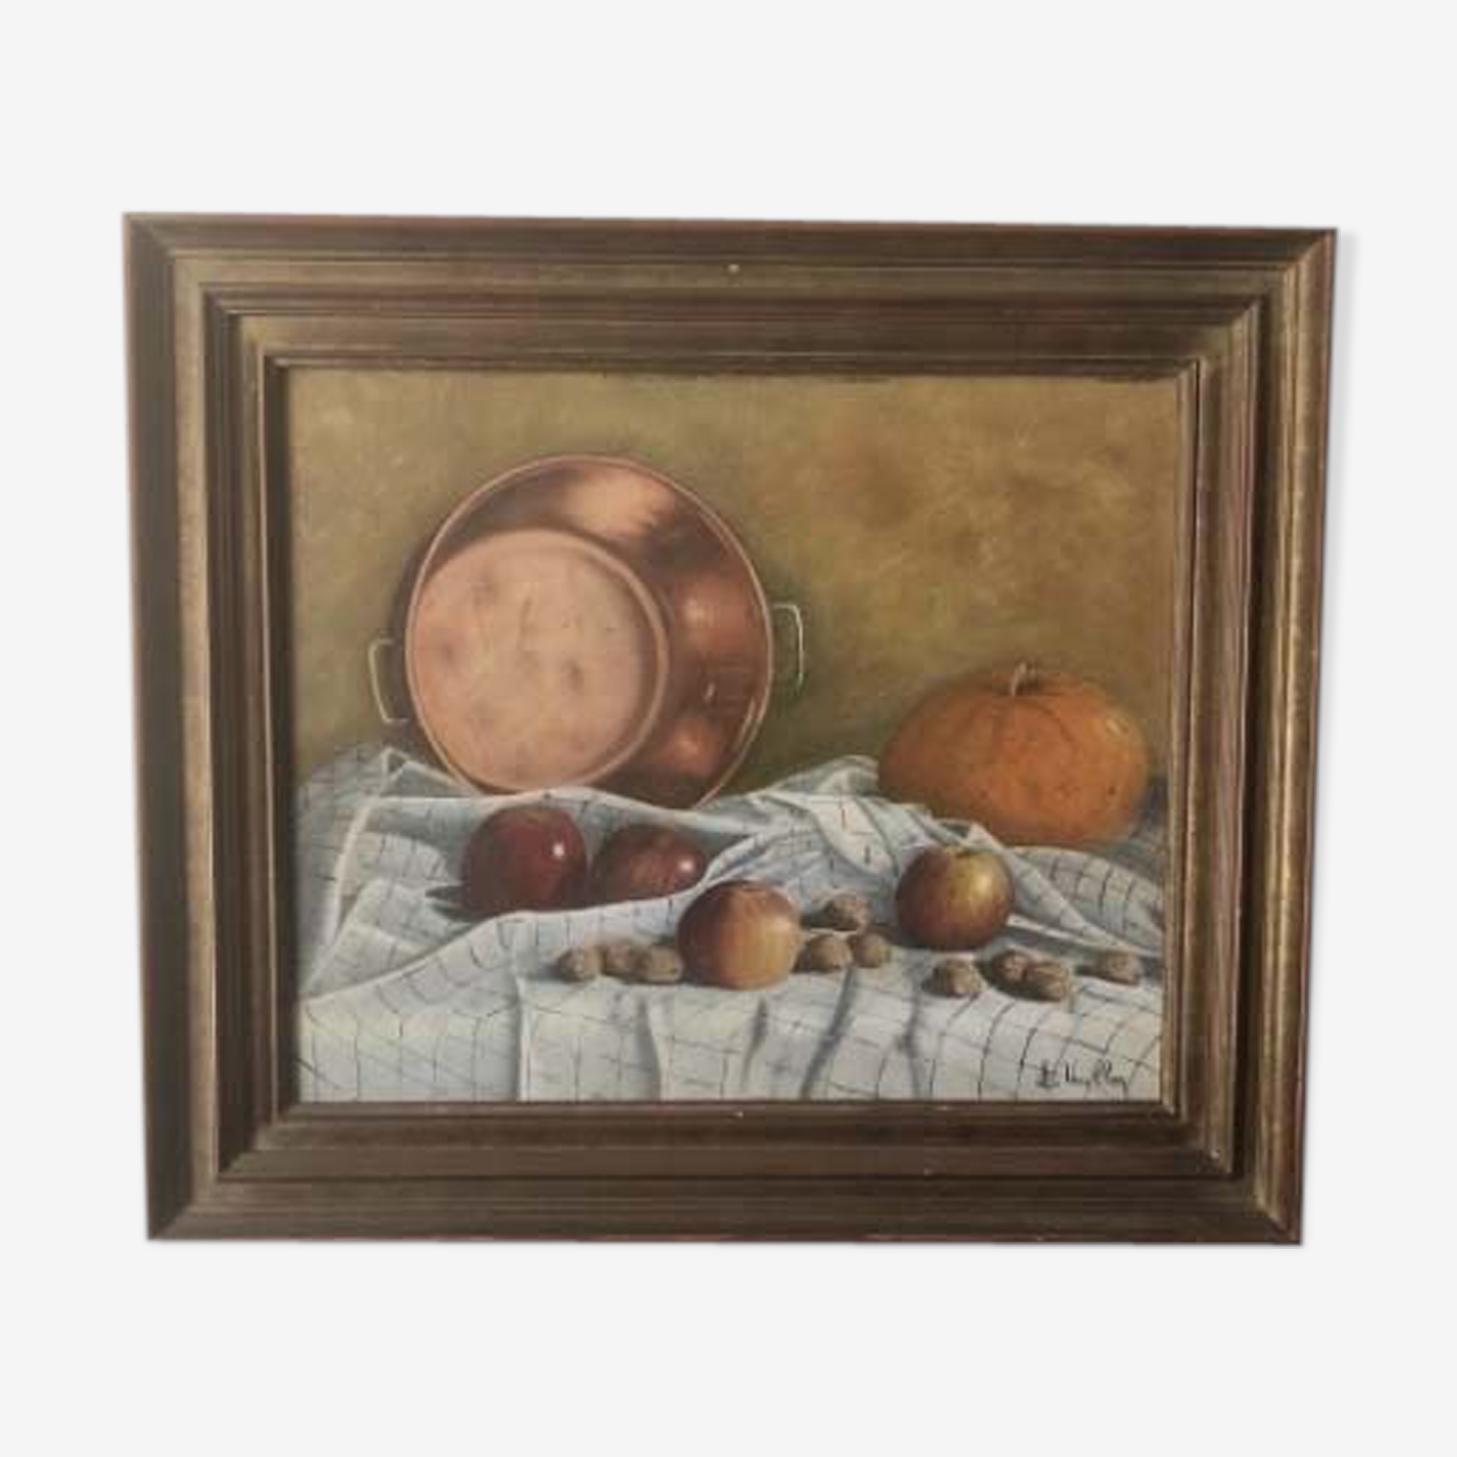 Still life framed by L Vaillon